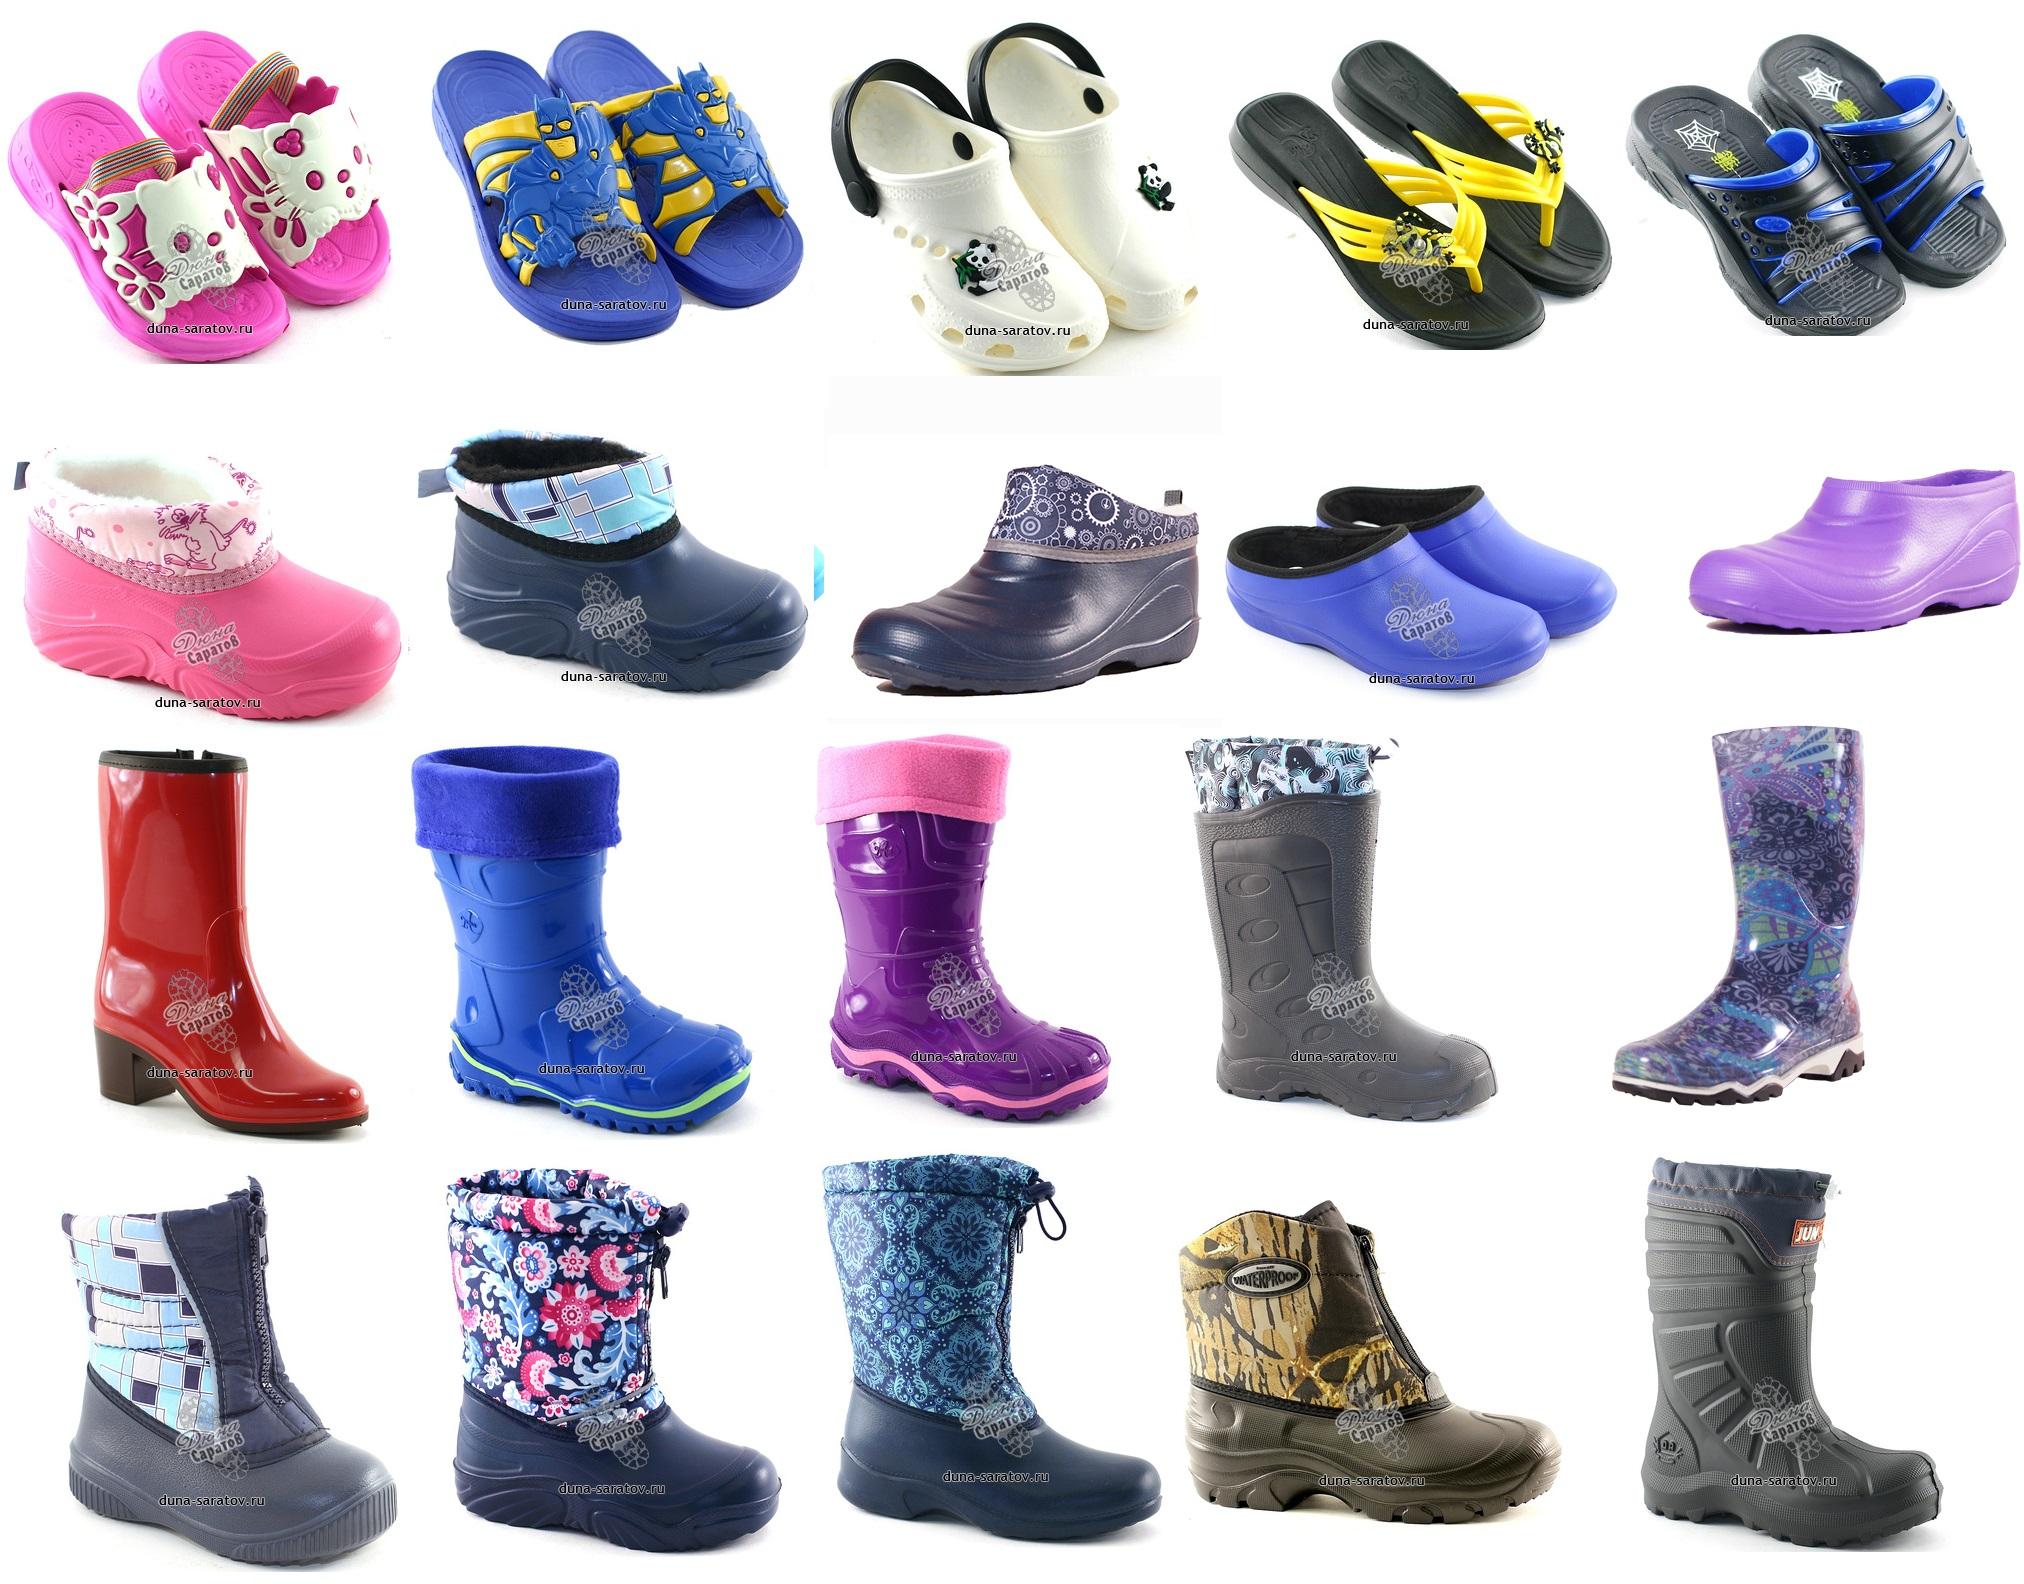 Сланцы, галоши, сапоги, сноубутсы. Обувь ПВХ, ЭВА - для всей семьи 3. Низкие цены!